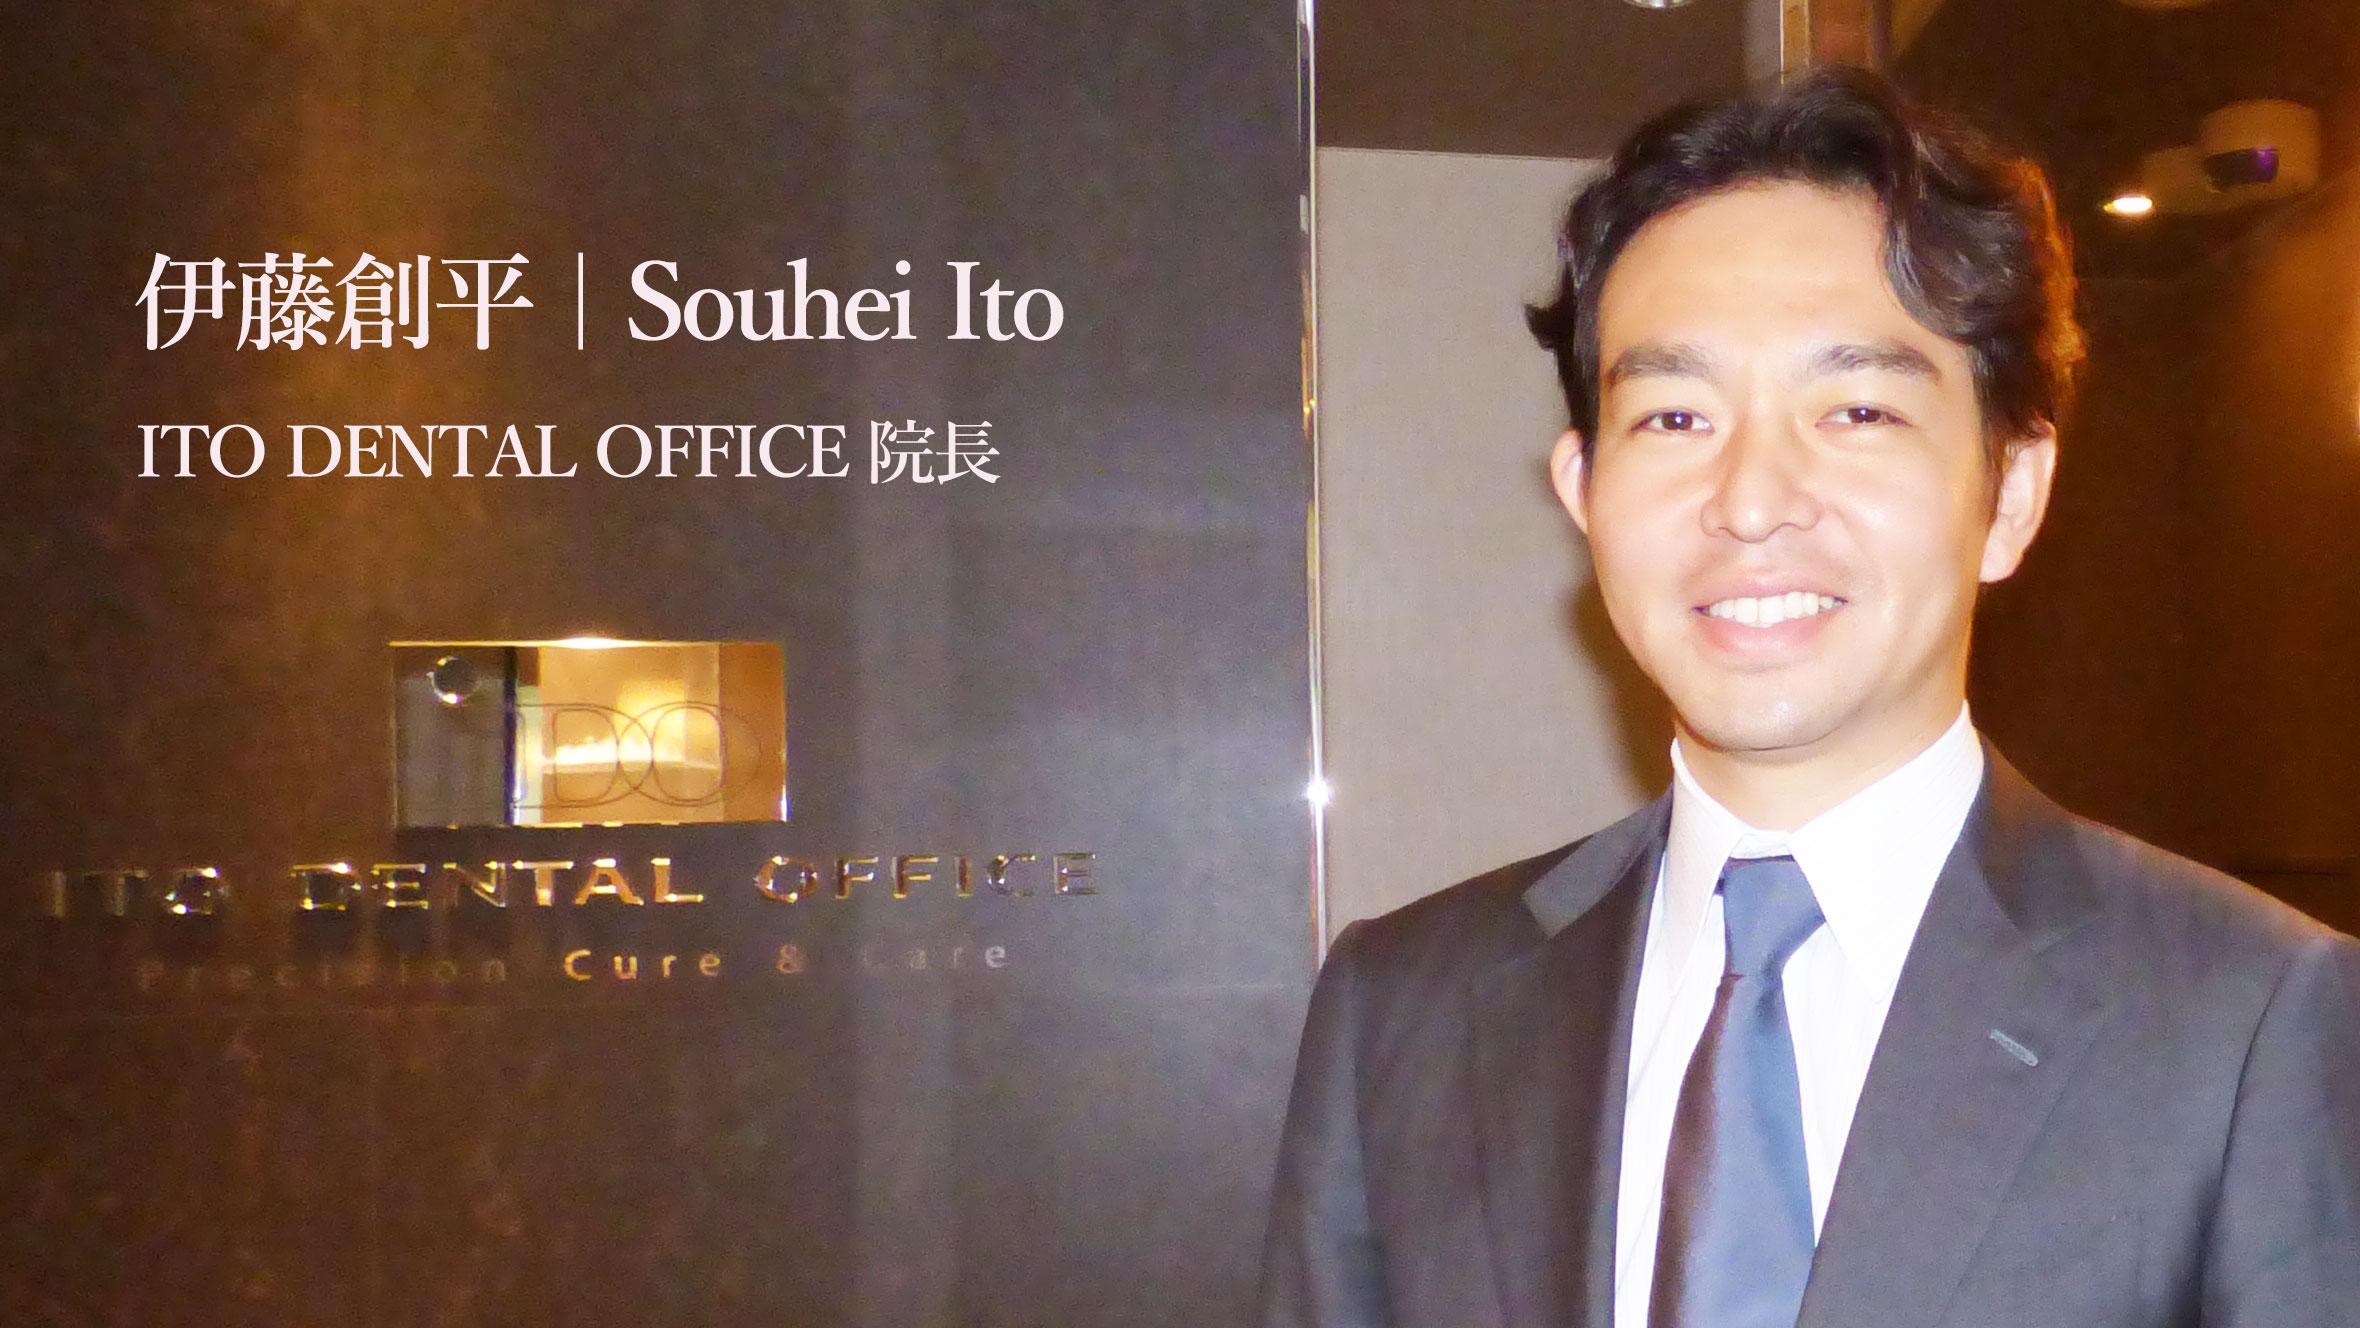 伊藤創平先生『歯科医療への情熱、葛藤した日々、そして今へ』